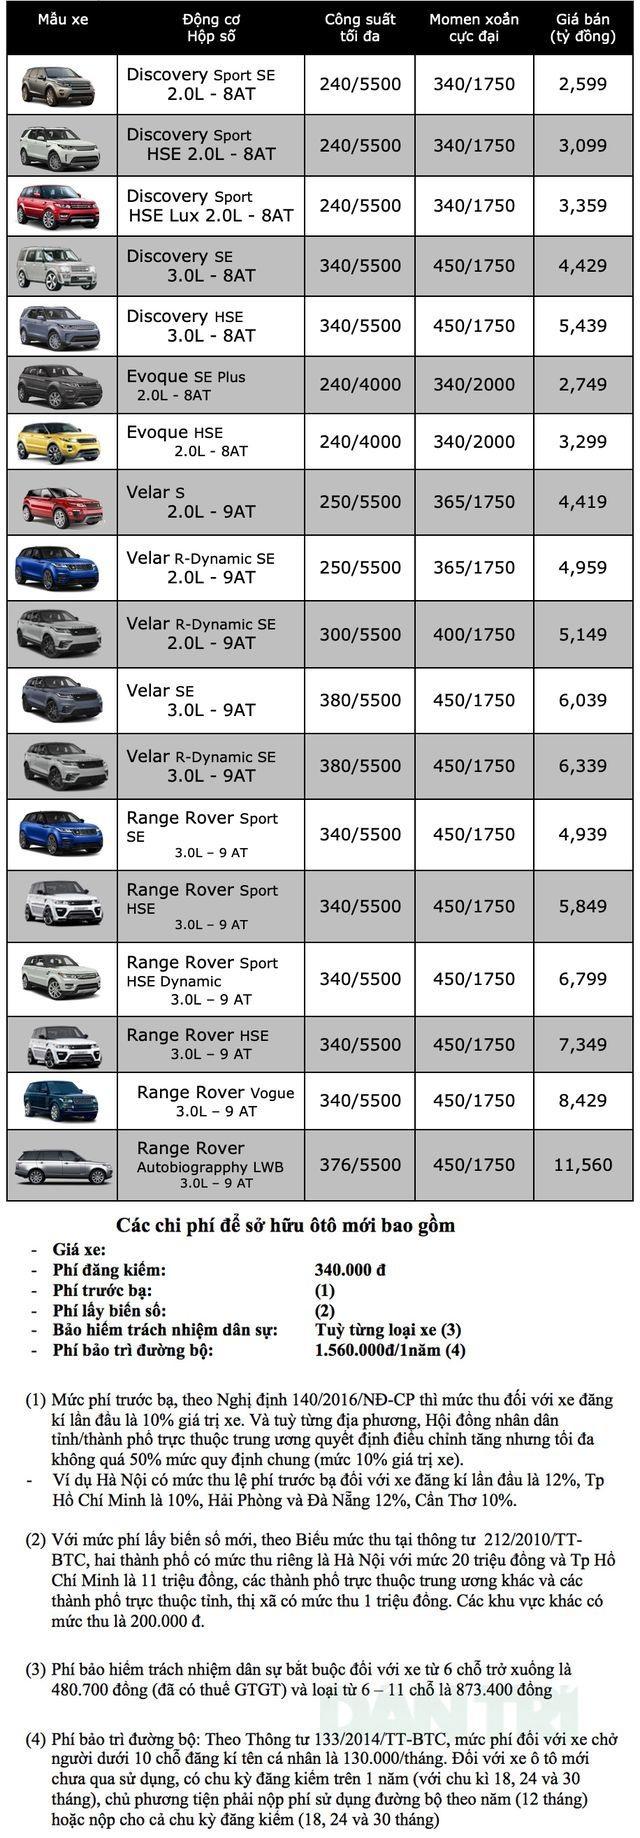 Bảng giá Land Rover tại Việt Nam cập nhật tháng 3/2019: